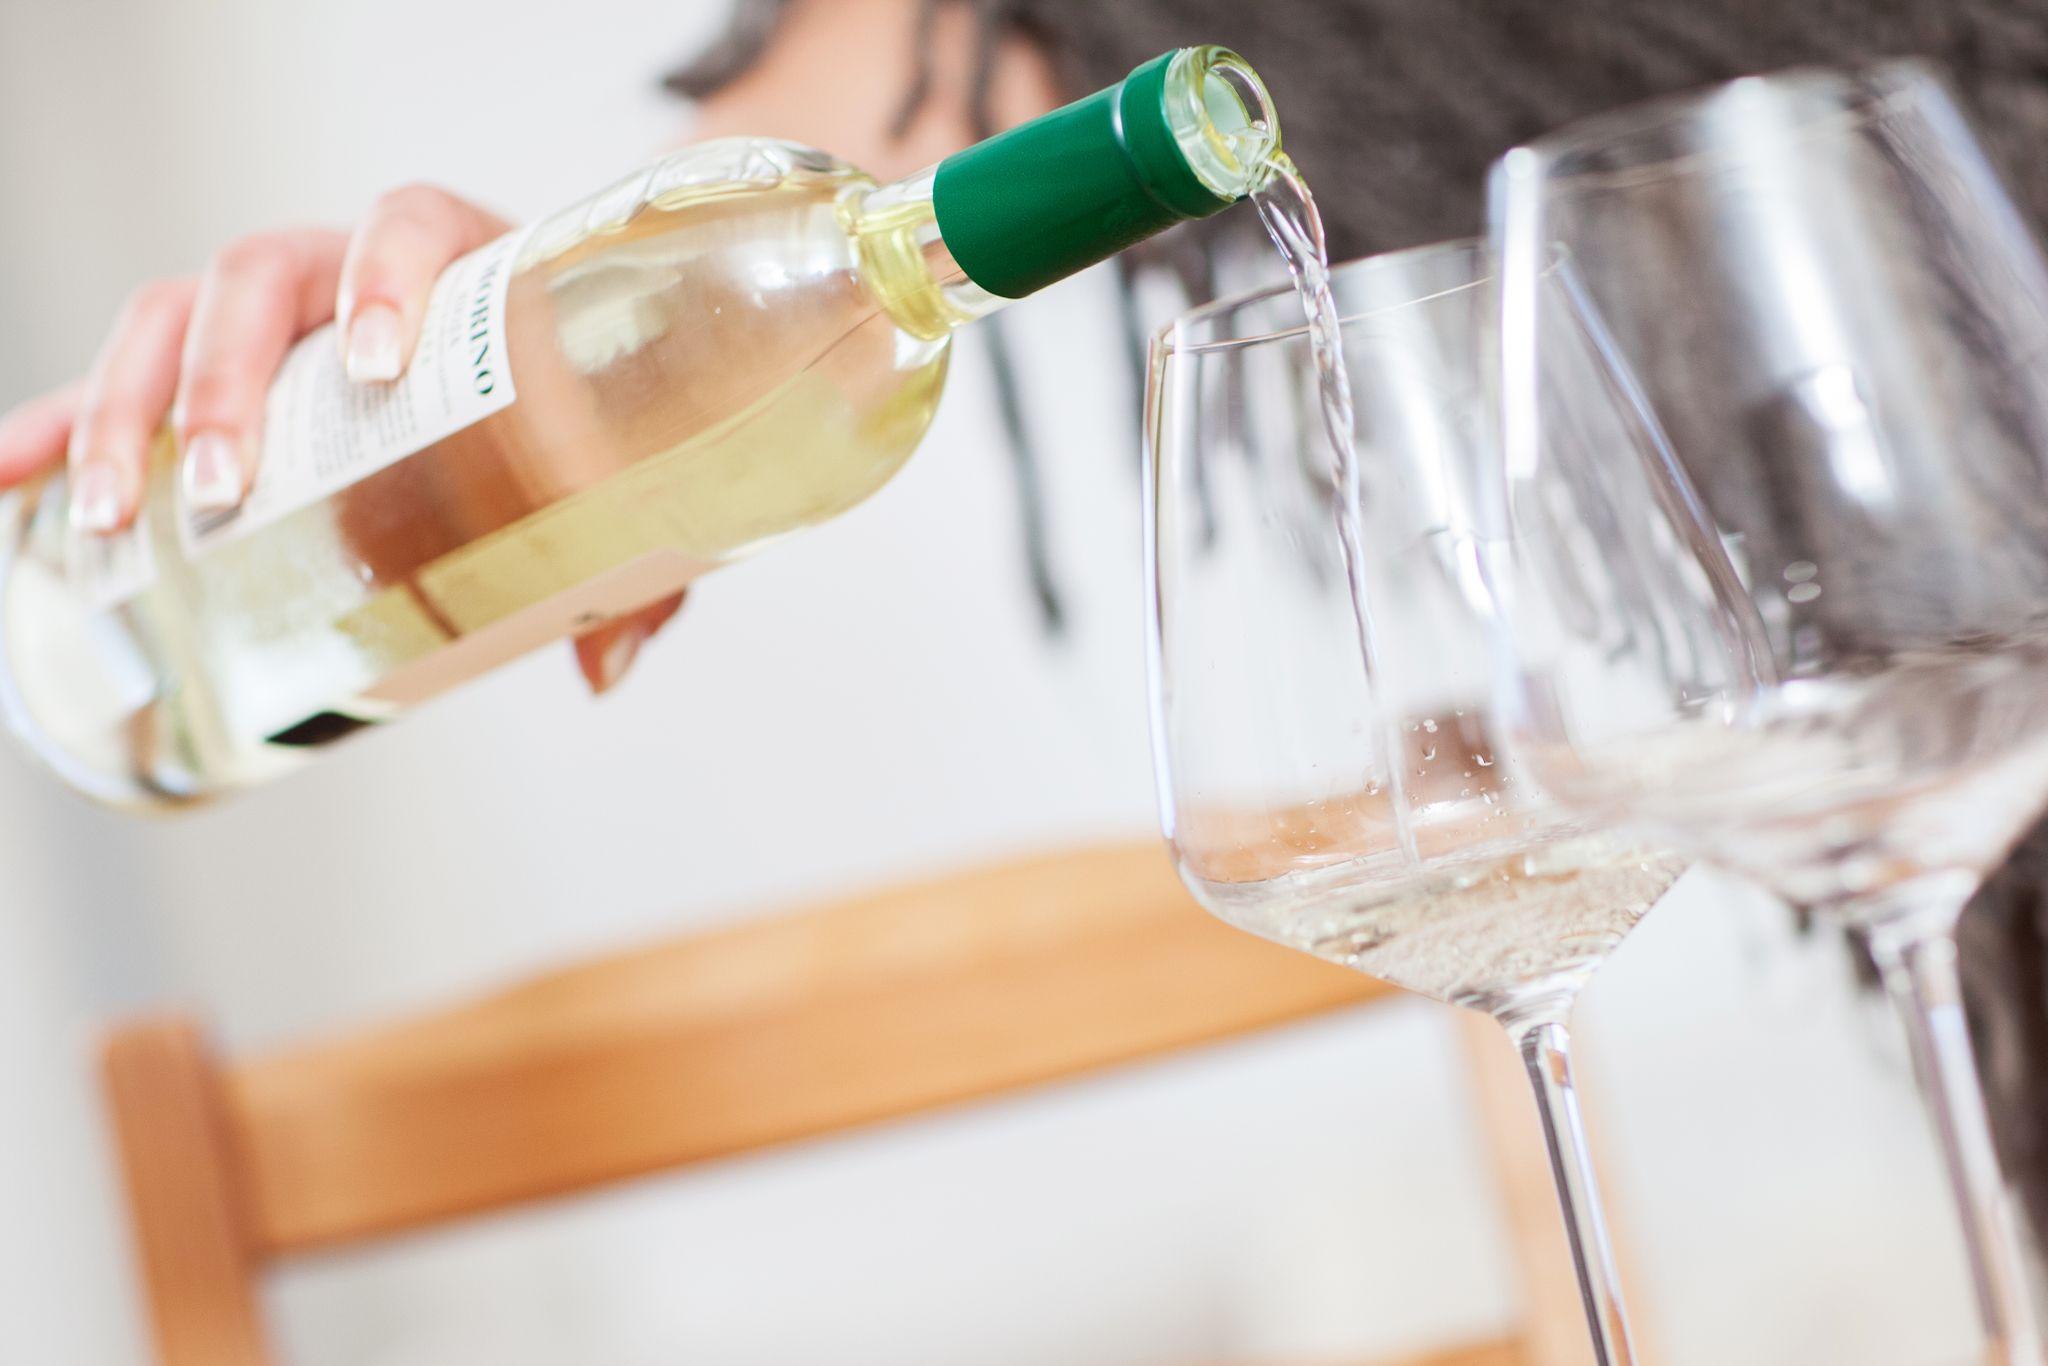 ILUSTRACIÓN - Volver a servirse no antes de que la copa esté vacía: pequeños cambios de conducta pueden ayudar a reducir el consumo de alcohol. Foto: Christin Klose/dpa